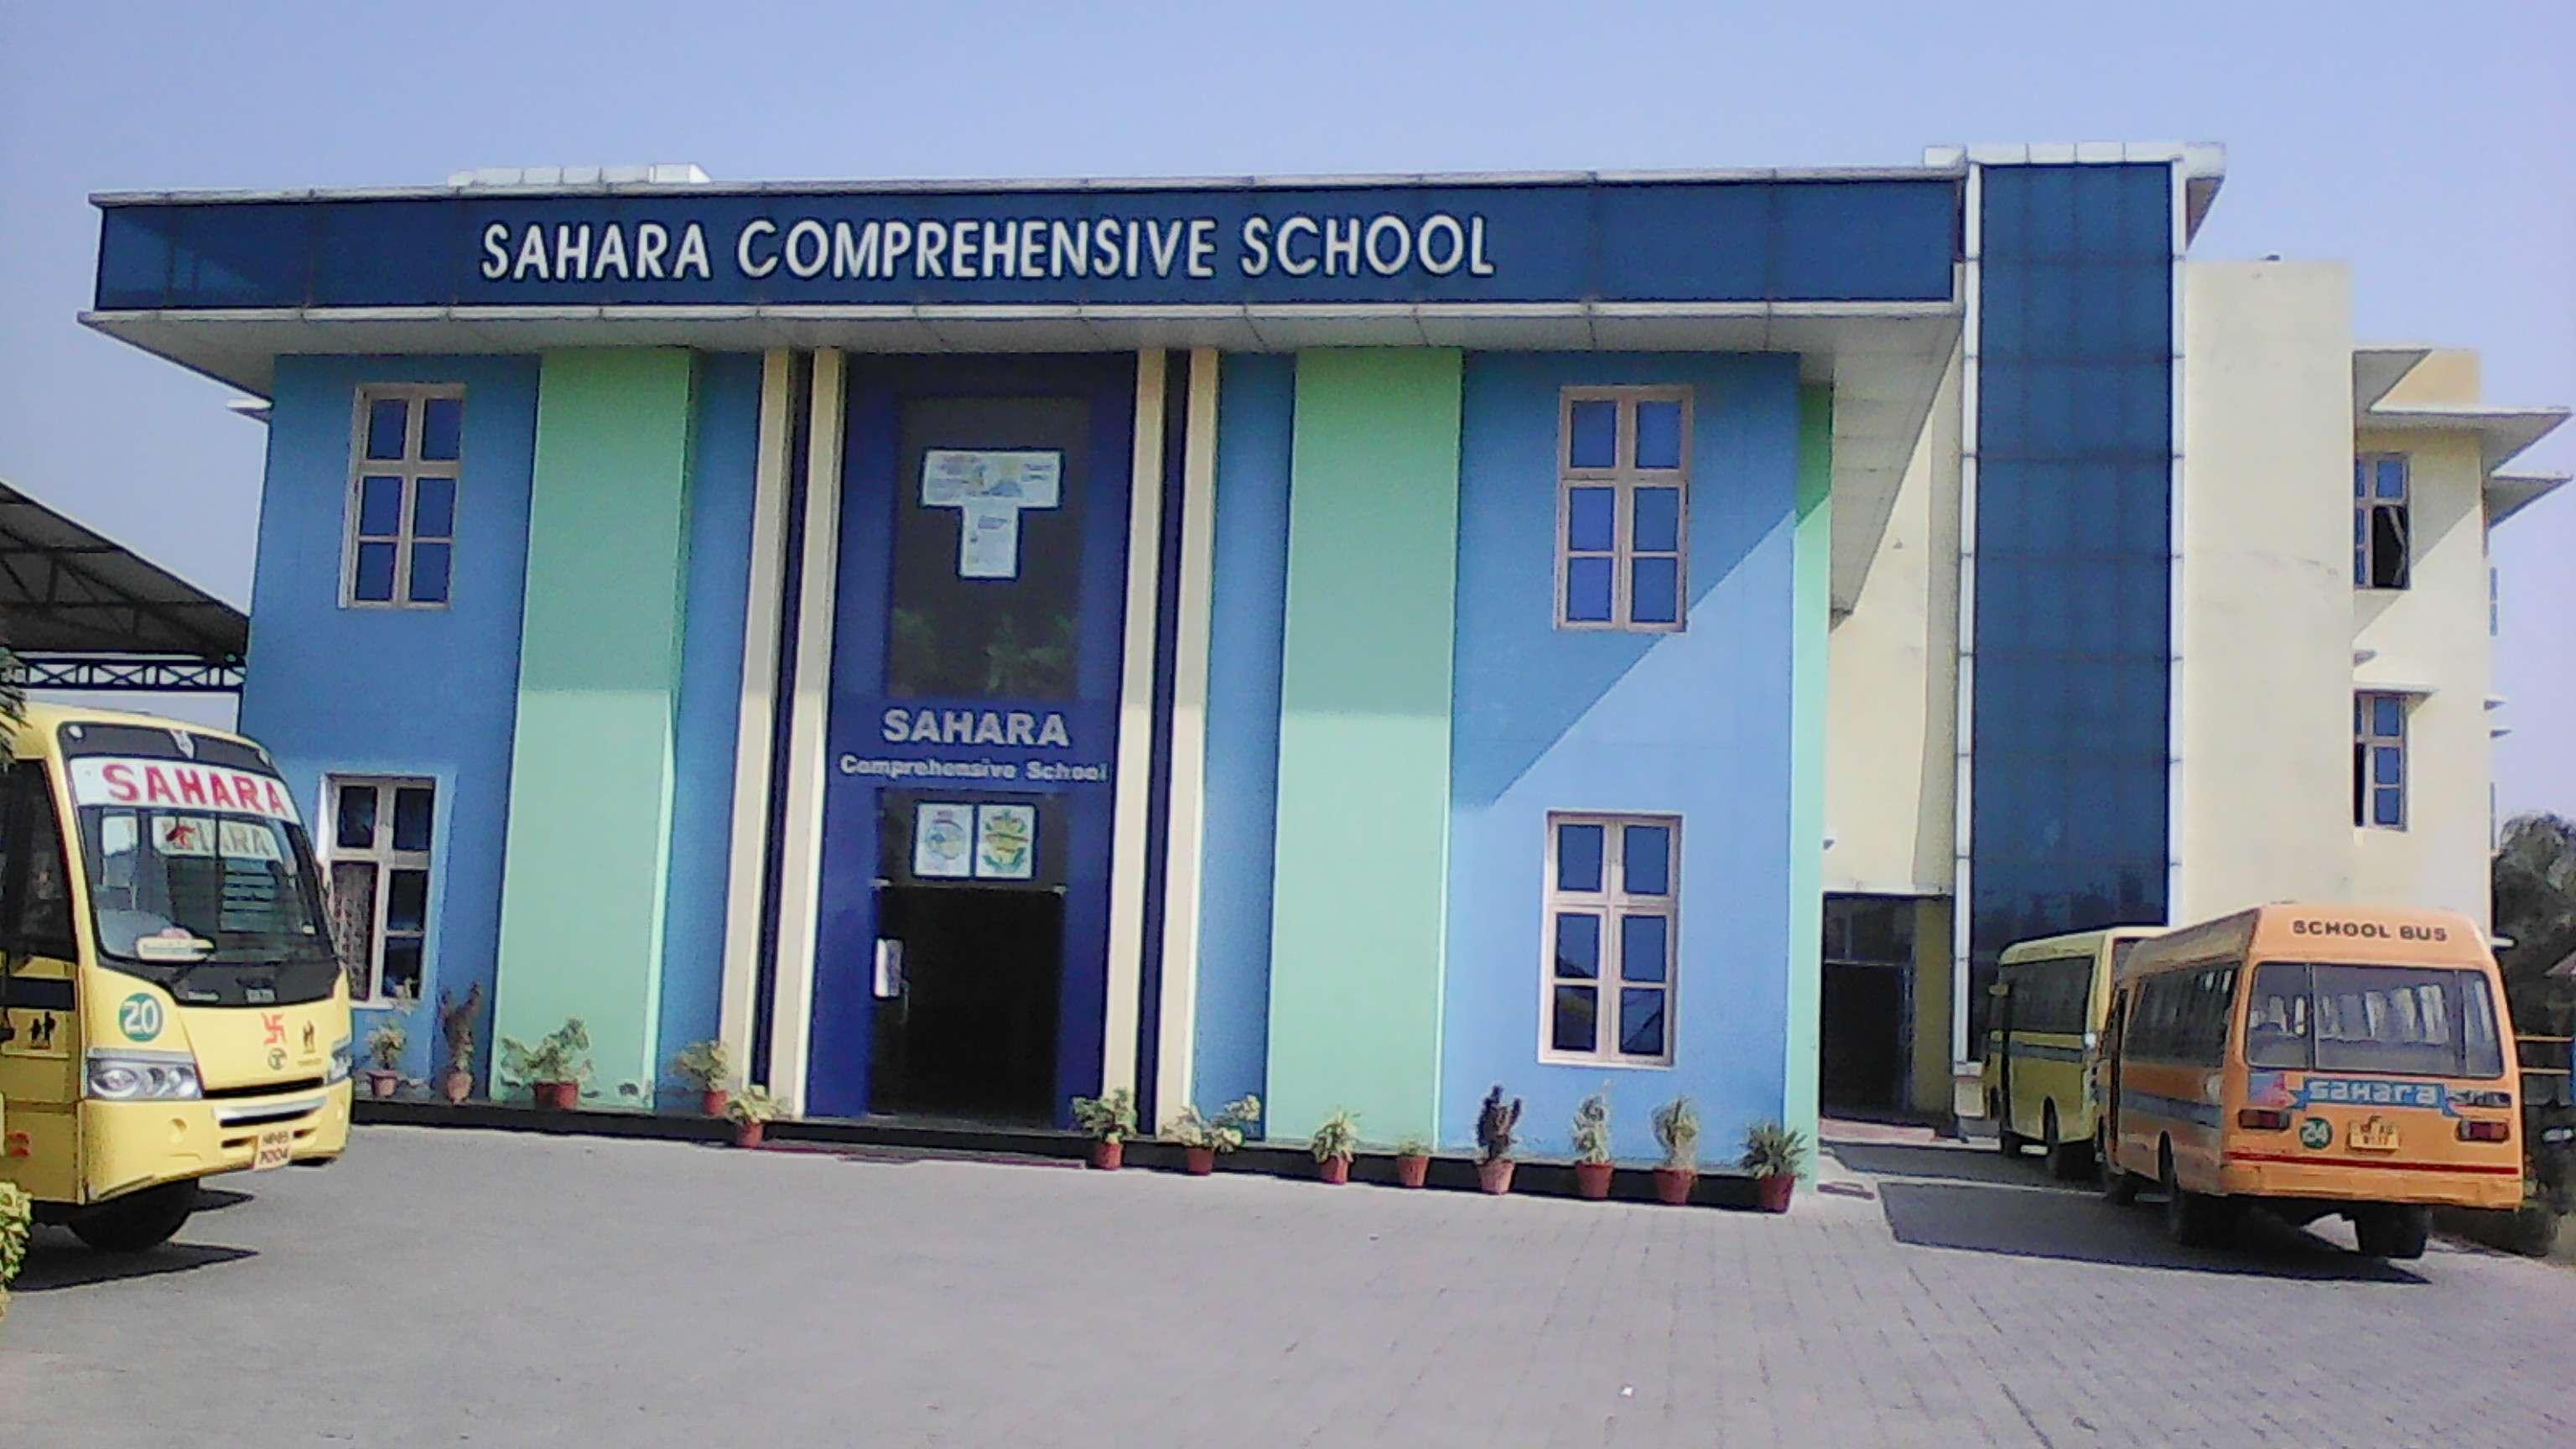 SAHARA COMPREHENSIVE SCHOOL KHERI RAM NAGAR AMIN ROAD KURUKSHETRA 531079